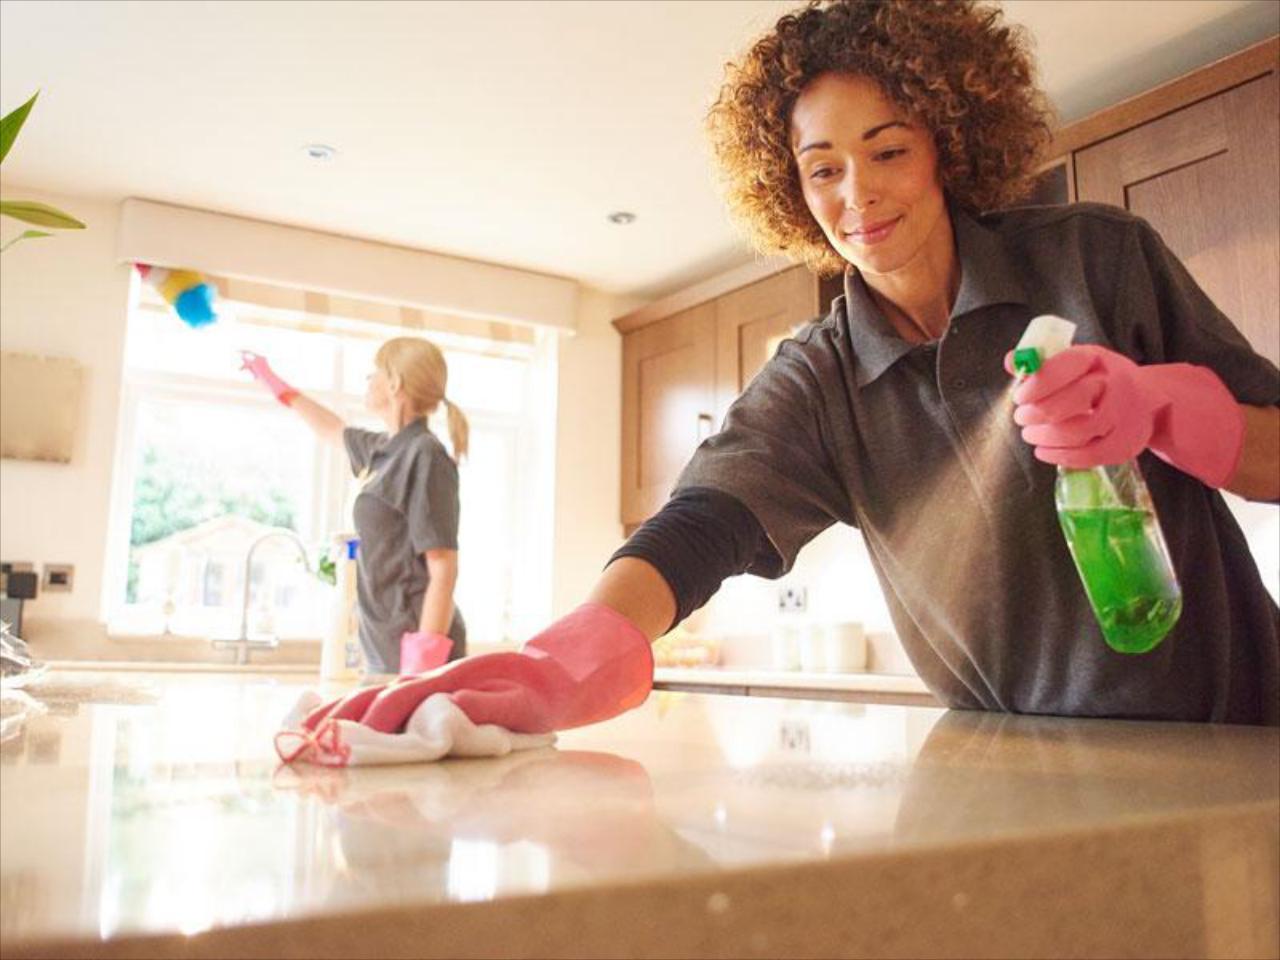 Housekeeping/Janitorial